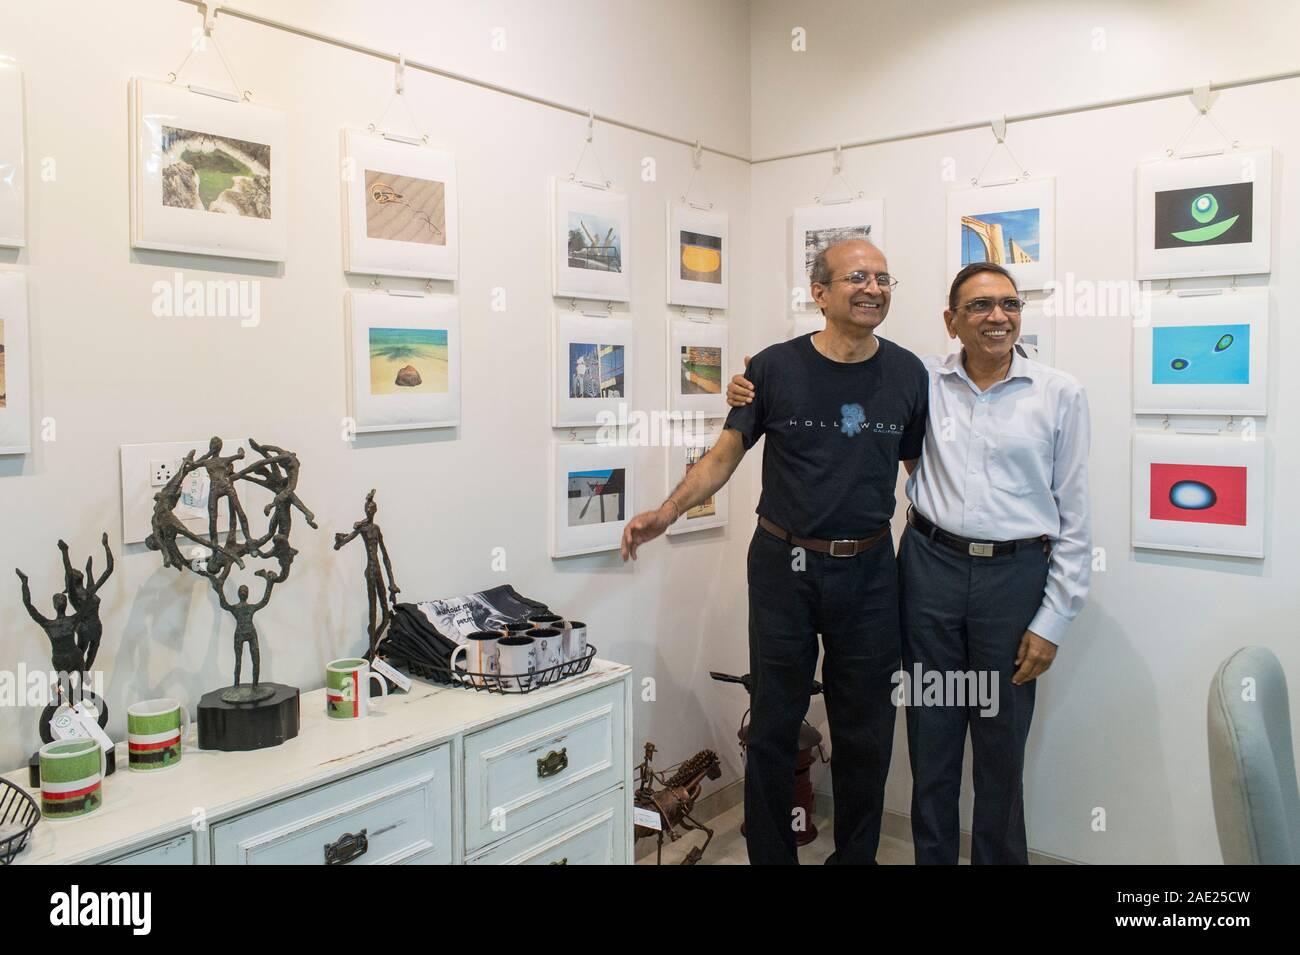 Vithal Nadkarni y Jagdish Agarwal, oficina de la galería de arte de la Biblioteca de Fotos Dinodia, Mumbai, Maharashtra, India, Asia Foto de stock